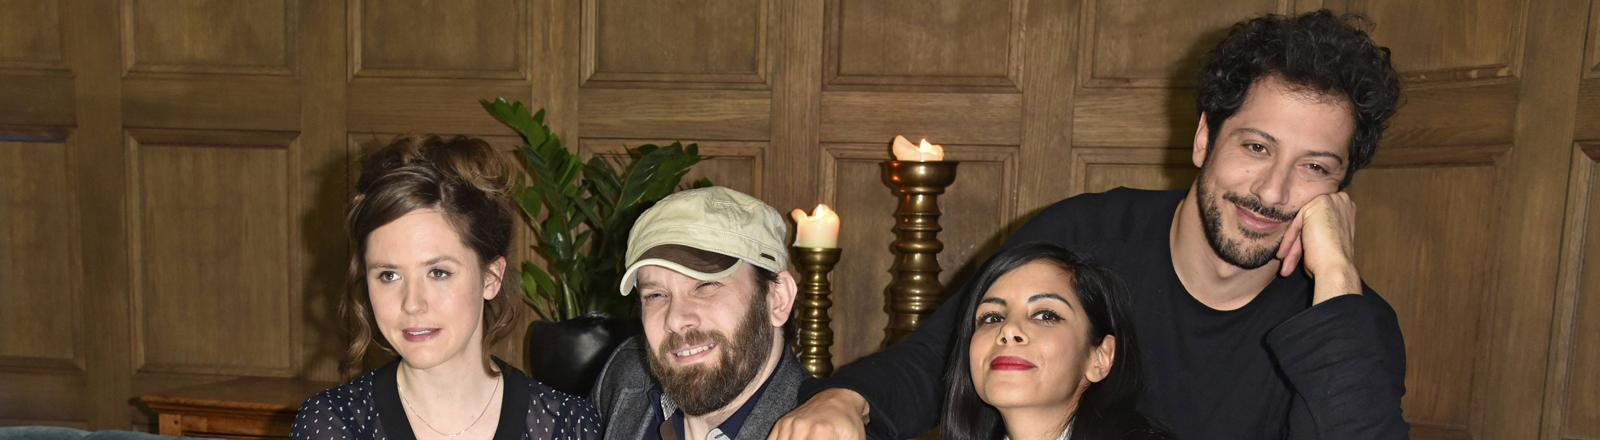 Emily Cox, Christian Ulmen, Collin Ulmen-Fernandez und Fahri Yardim